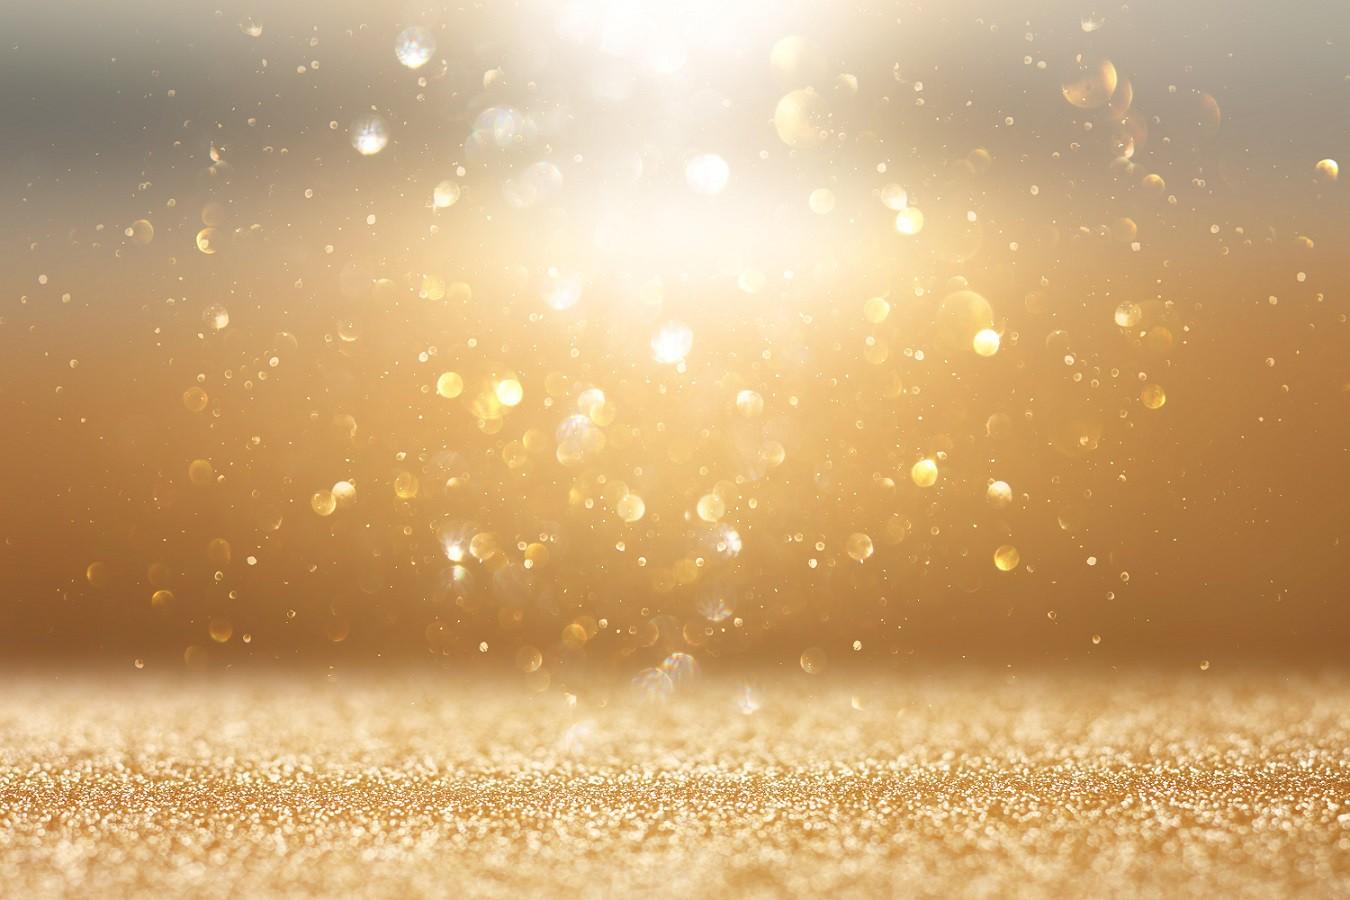 2021年Gold showerを全身で受け止める